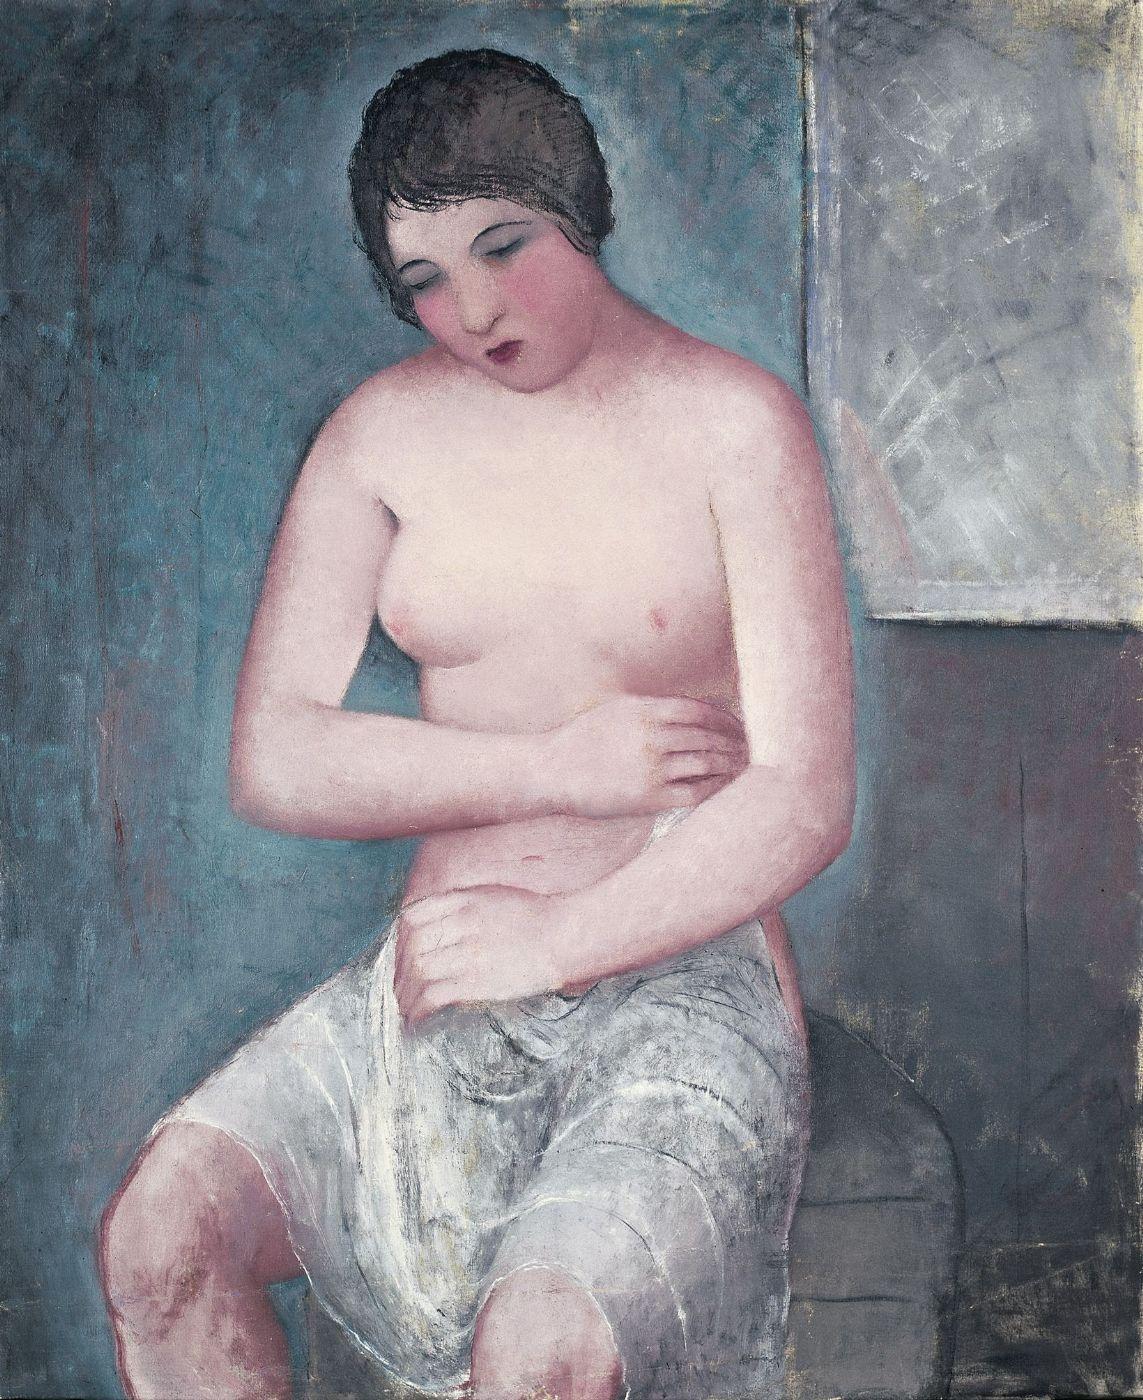 Nudo (1930)